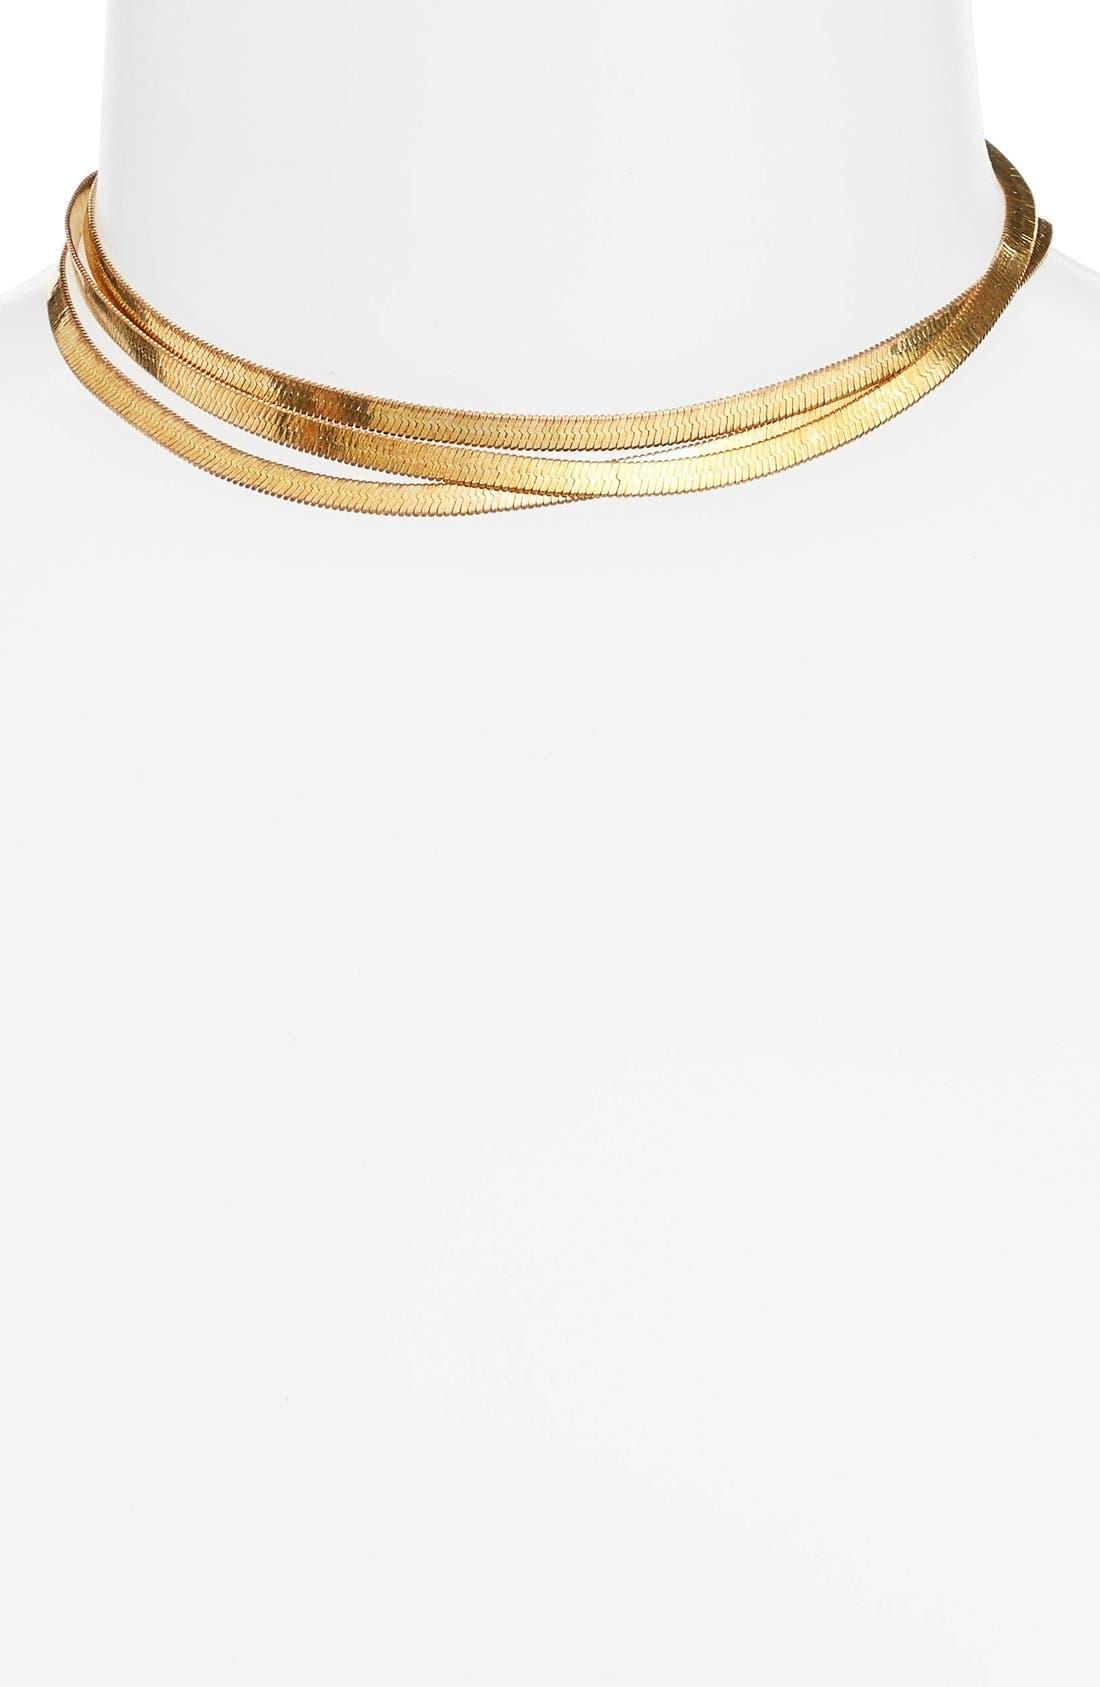 Main Image - FRASIER STERLING Valley Chain Wrap Choker